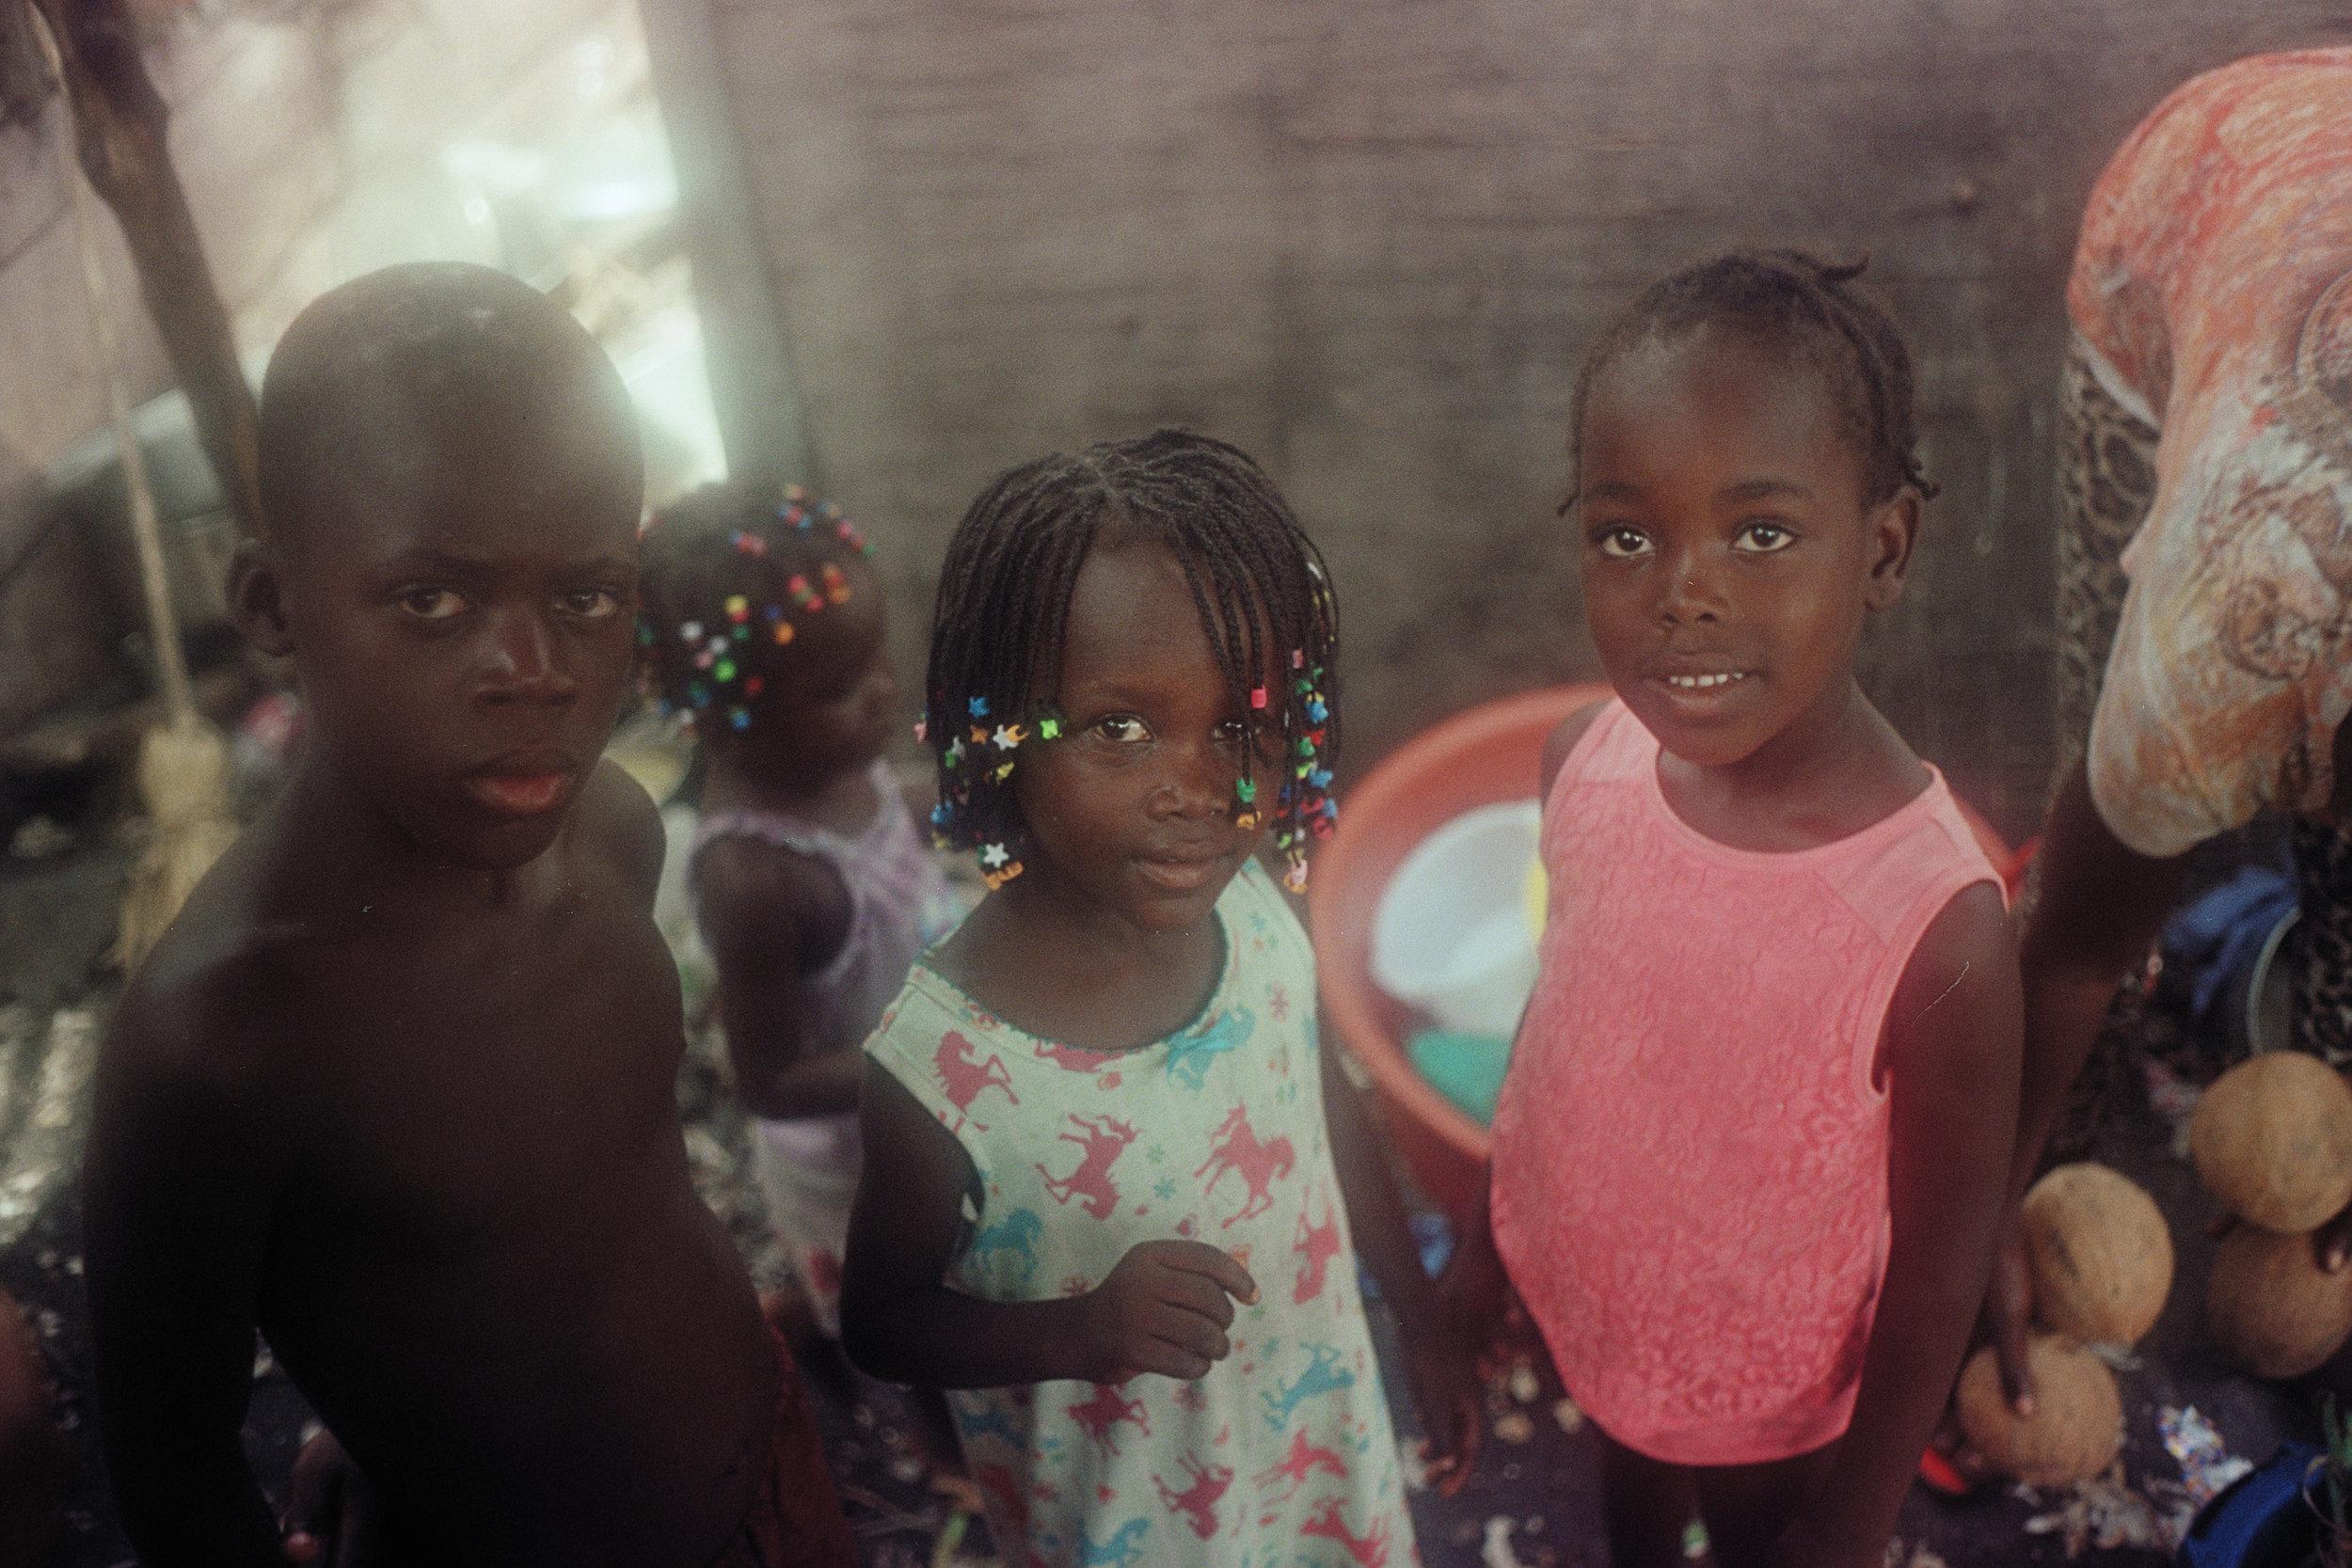 071819_Bahamas and Haiti_selects-36.jpg